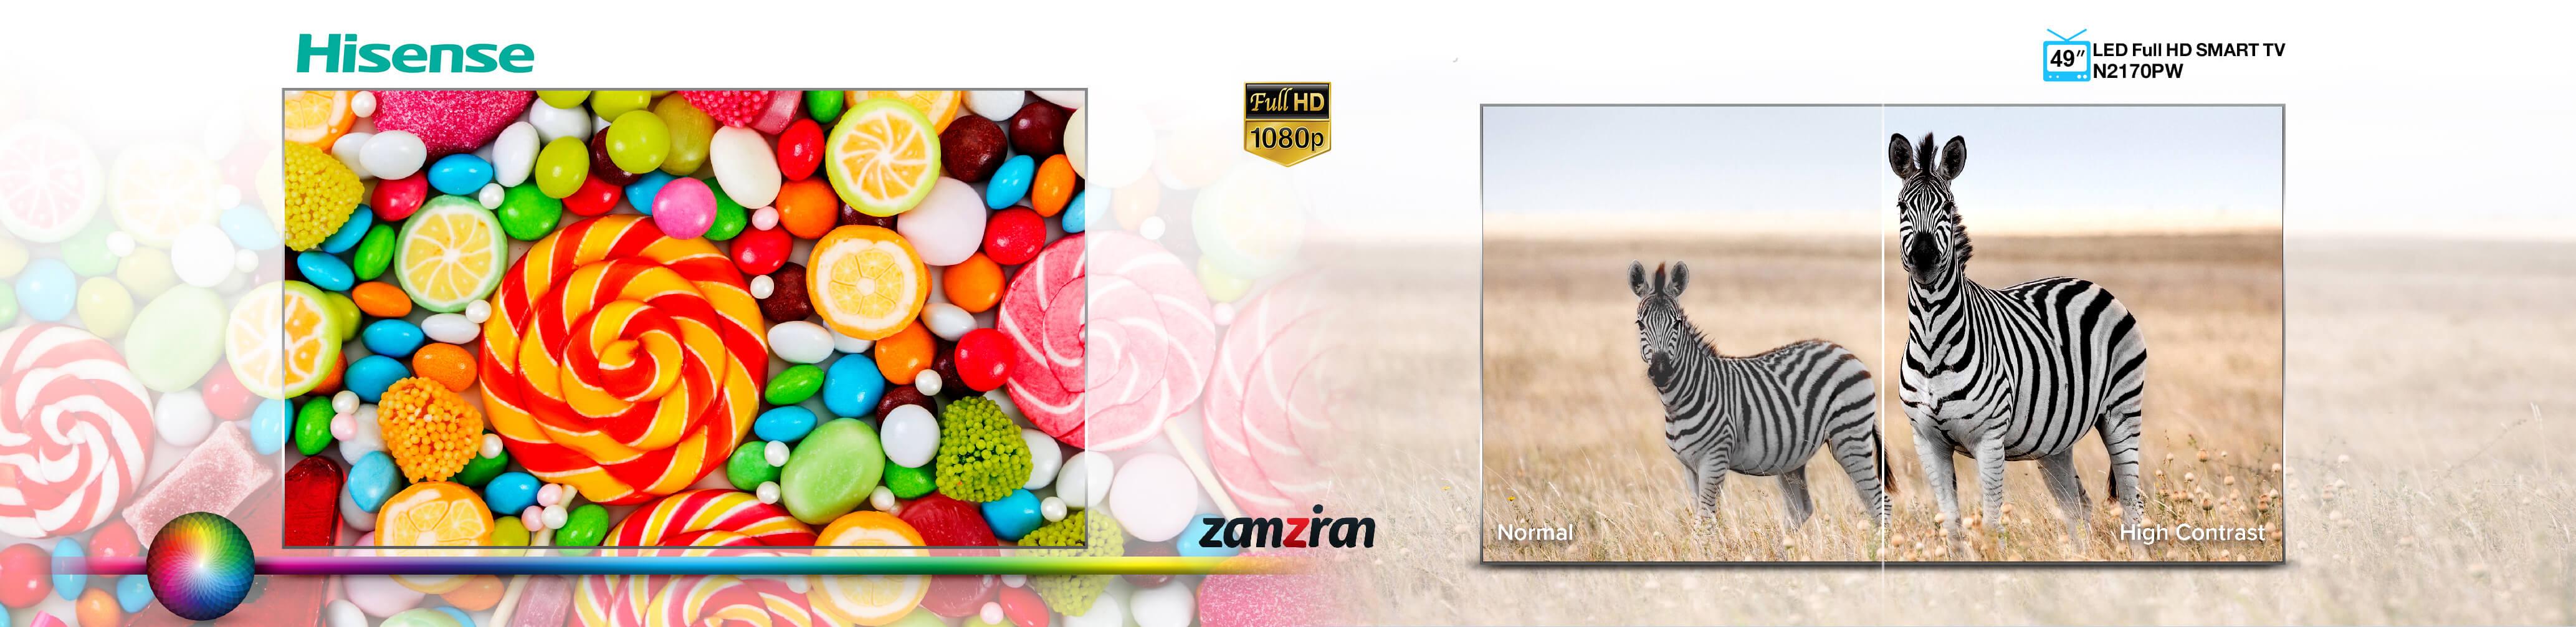 کیفیت تصویر تلویزیون 49 اینچ هایسنس N2170PW